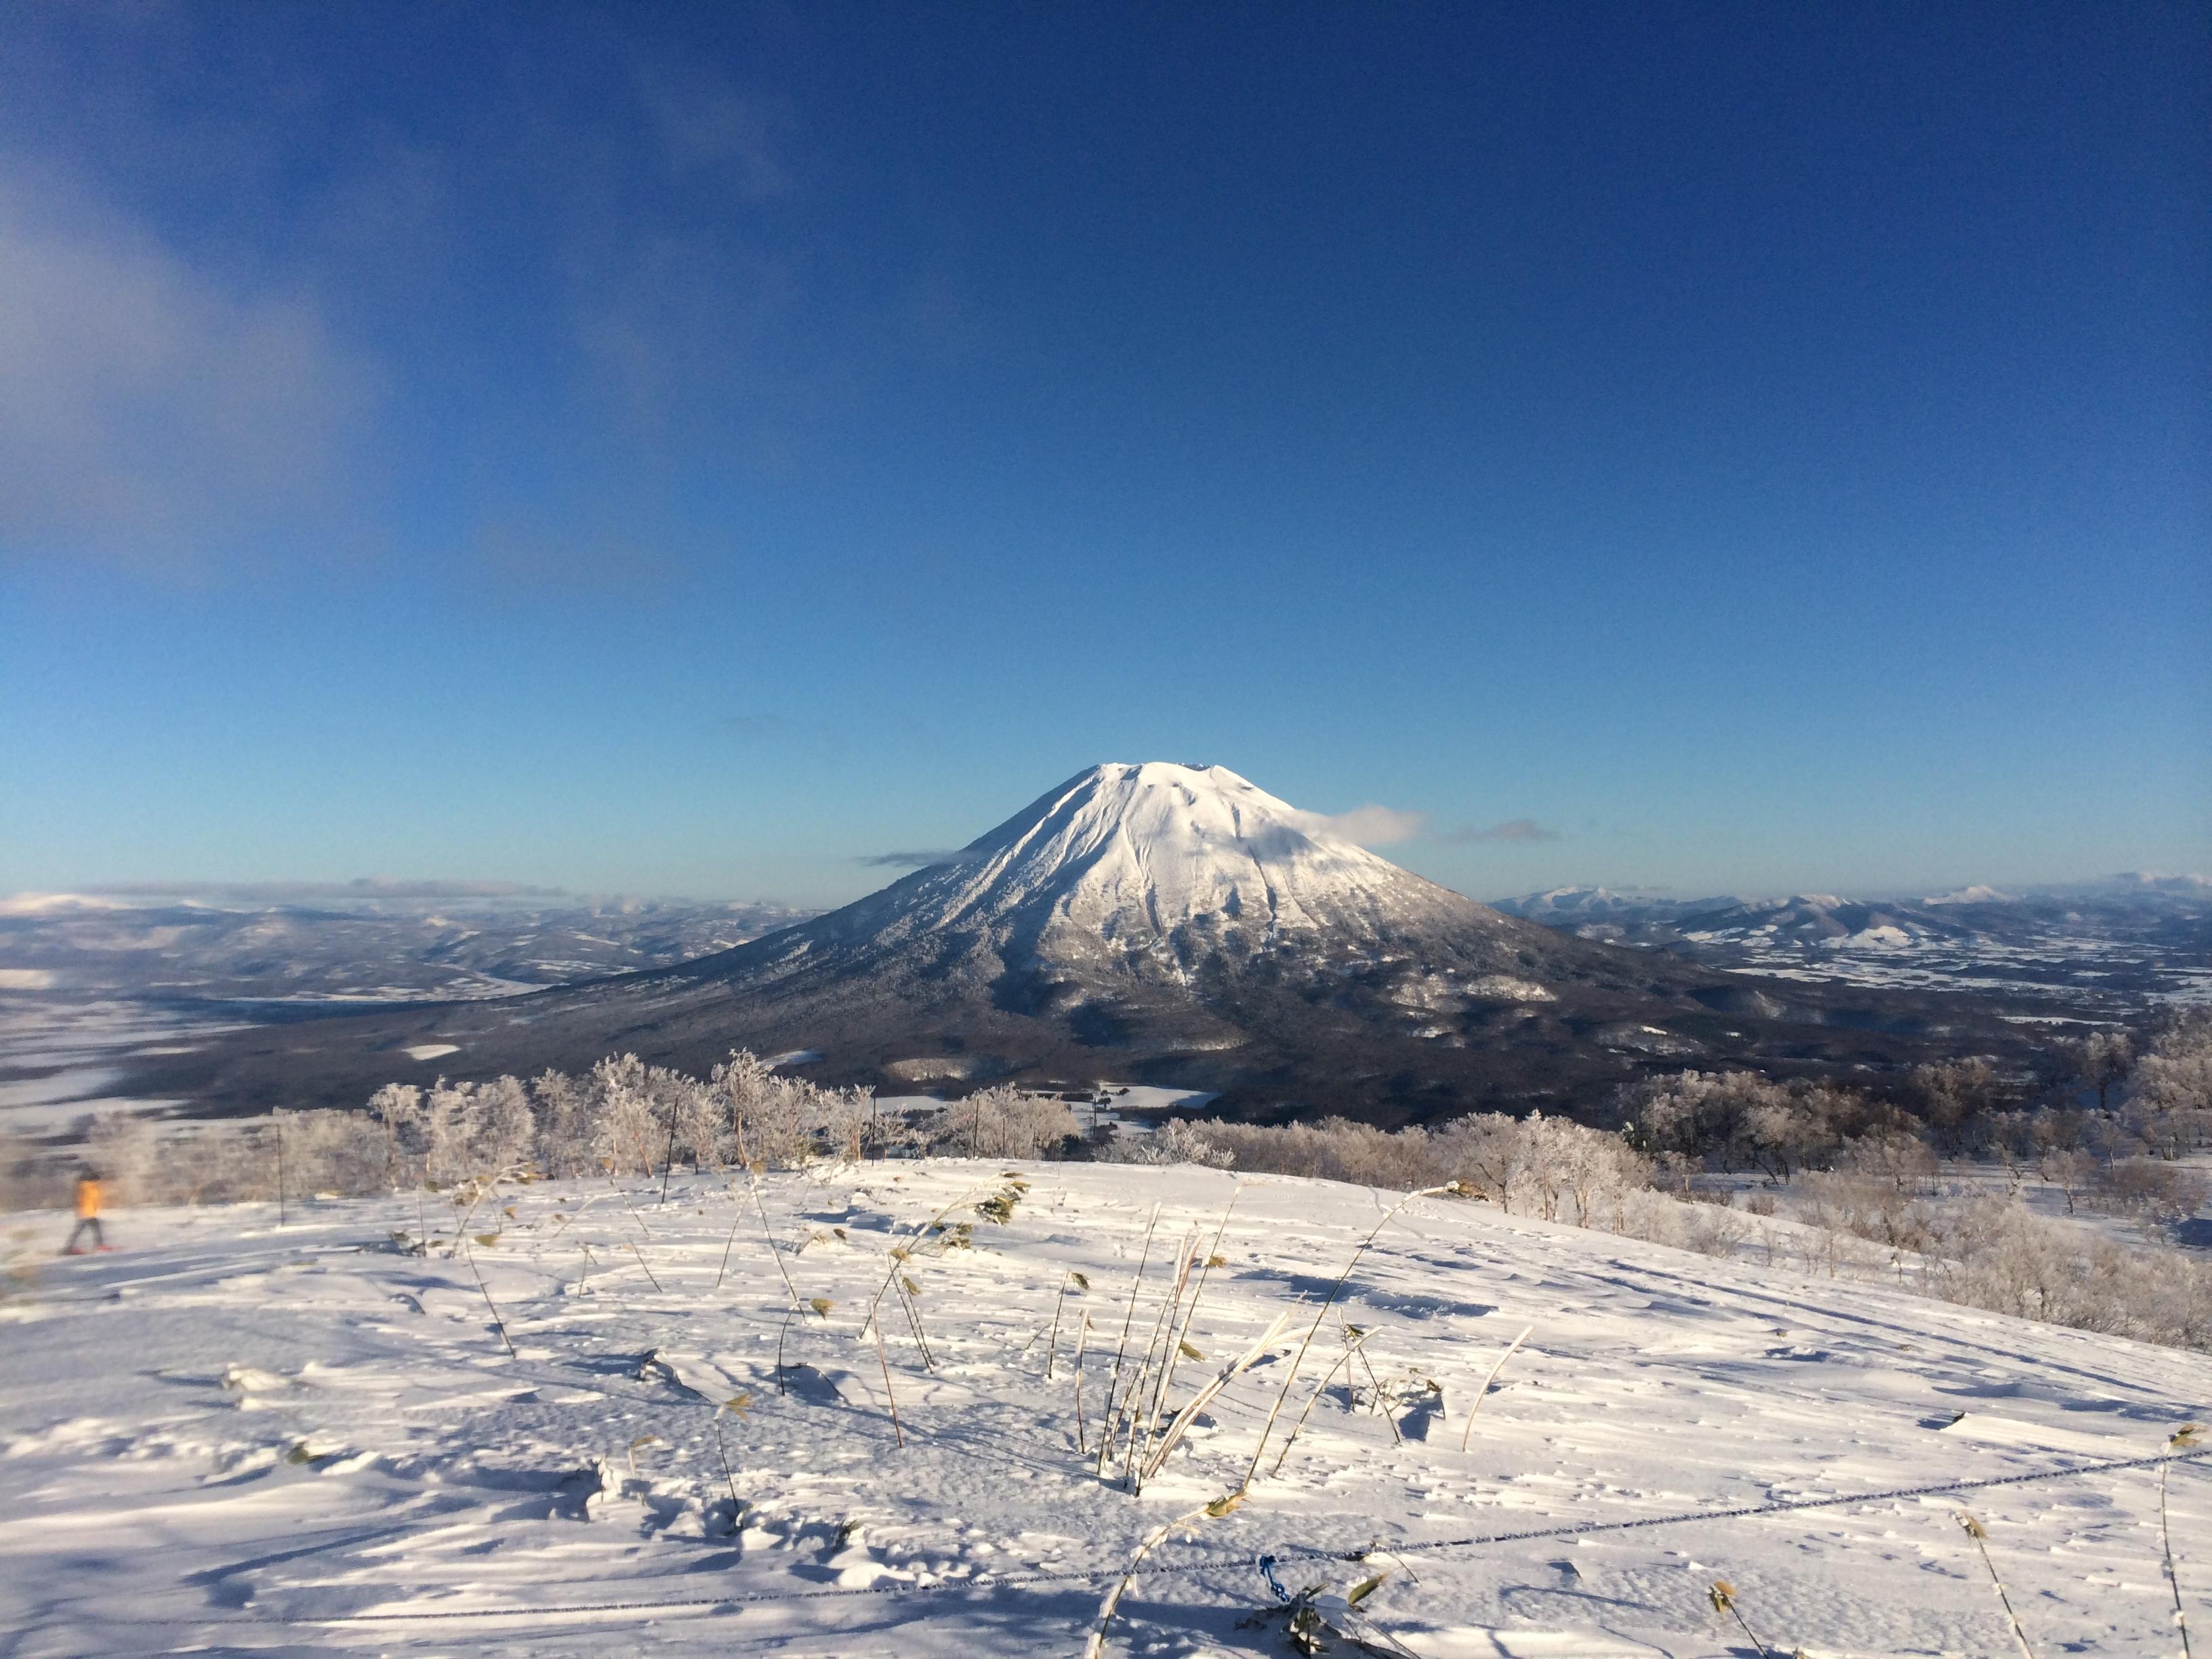 北海道の富士山、蝦夷富士の名前の由来